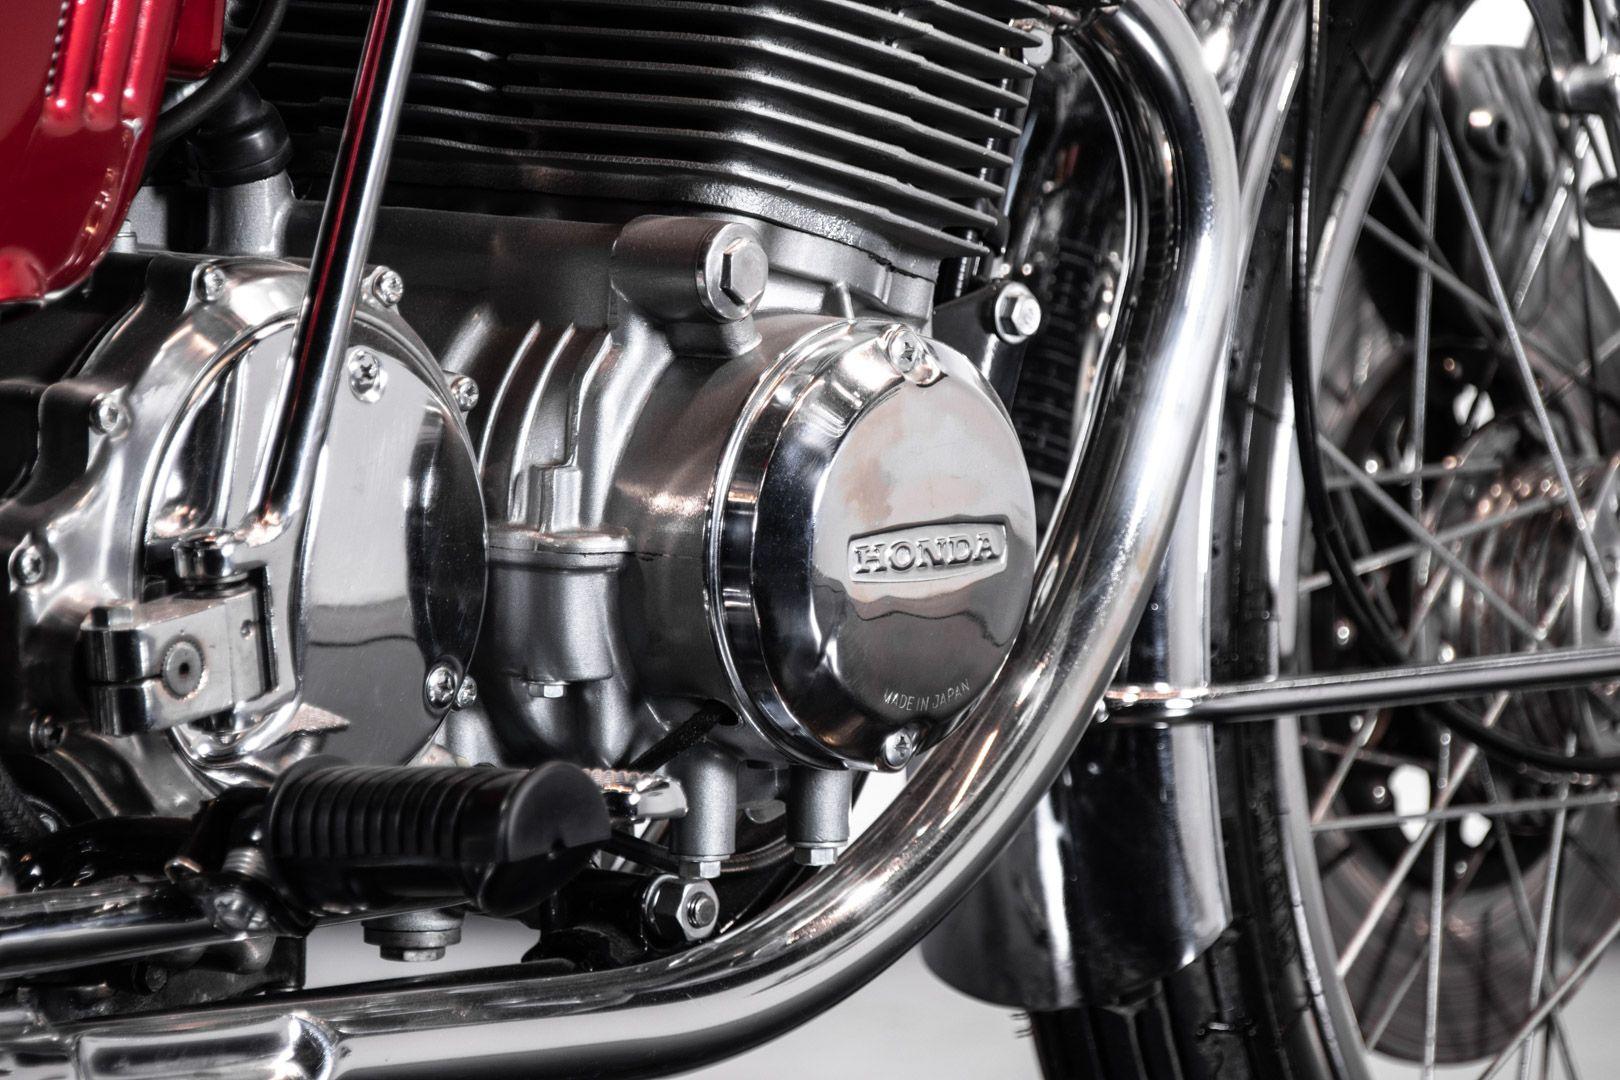 1970 Honda CB 750 Four 83975